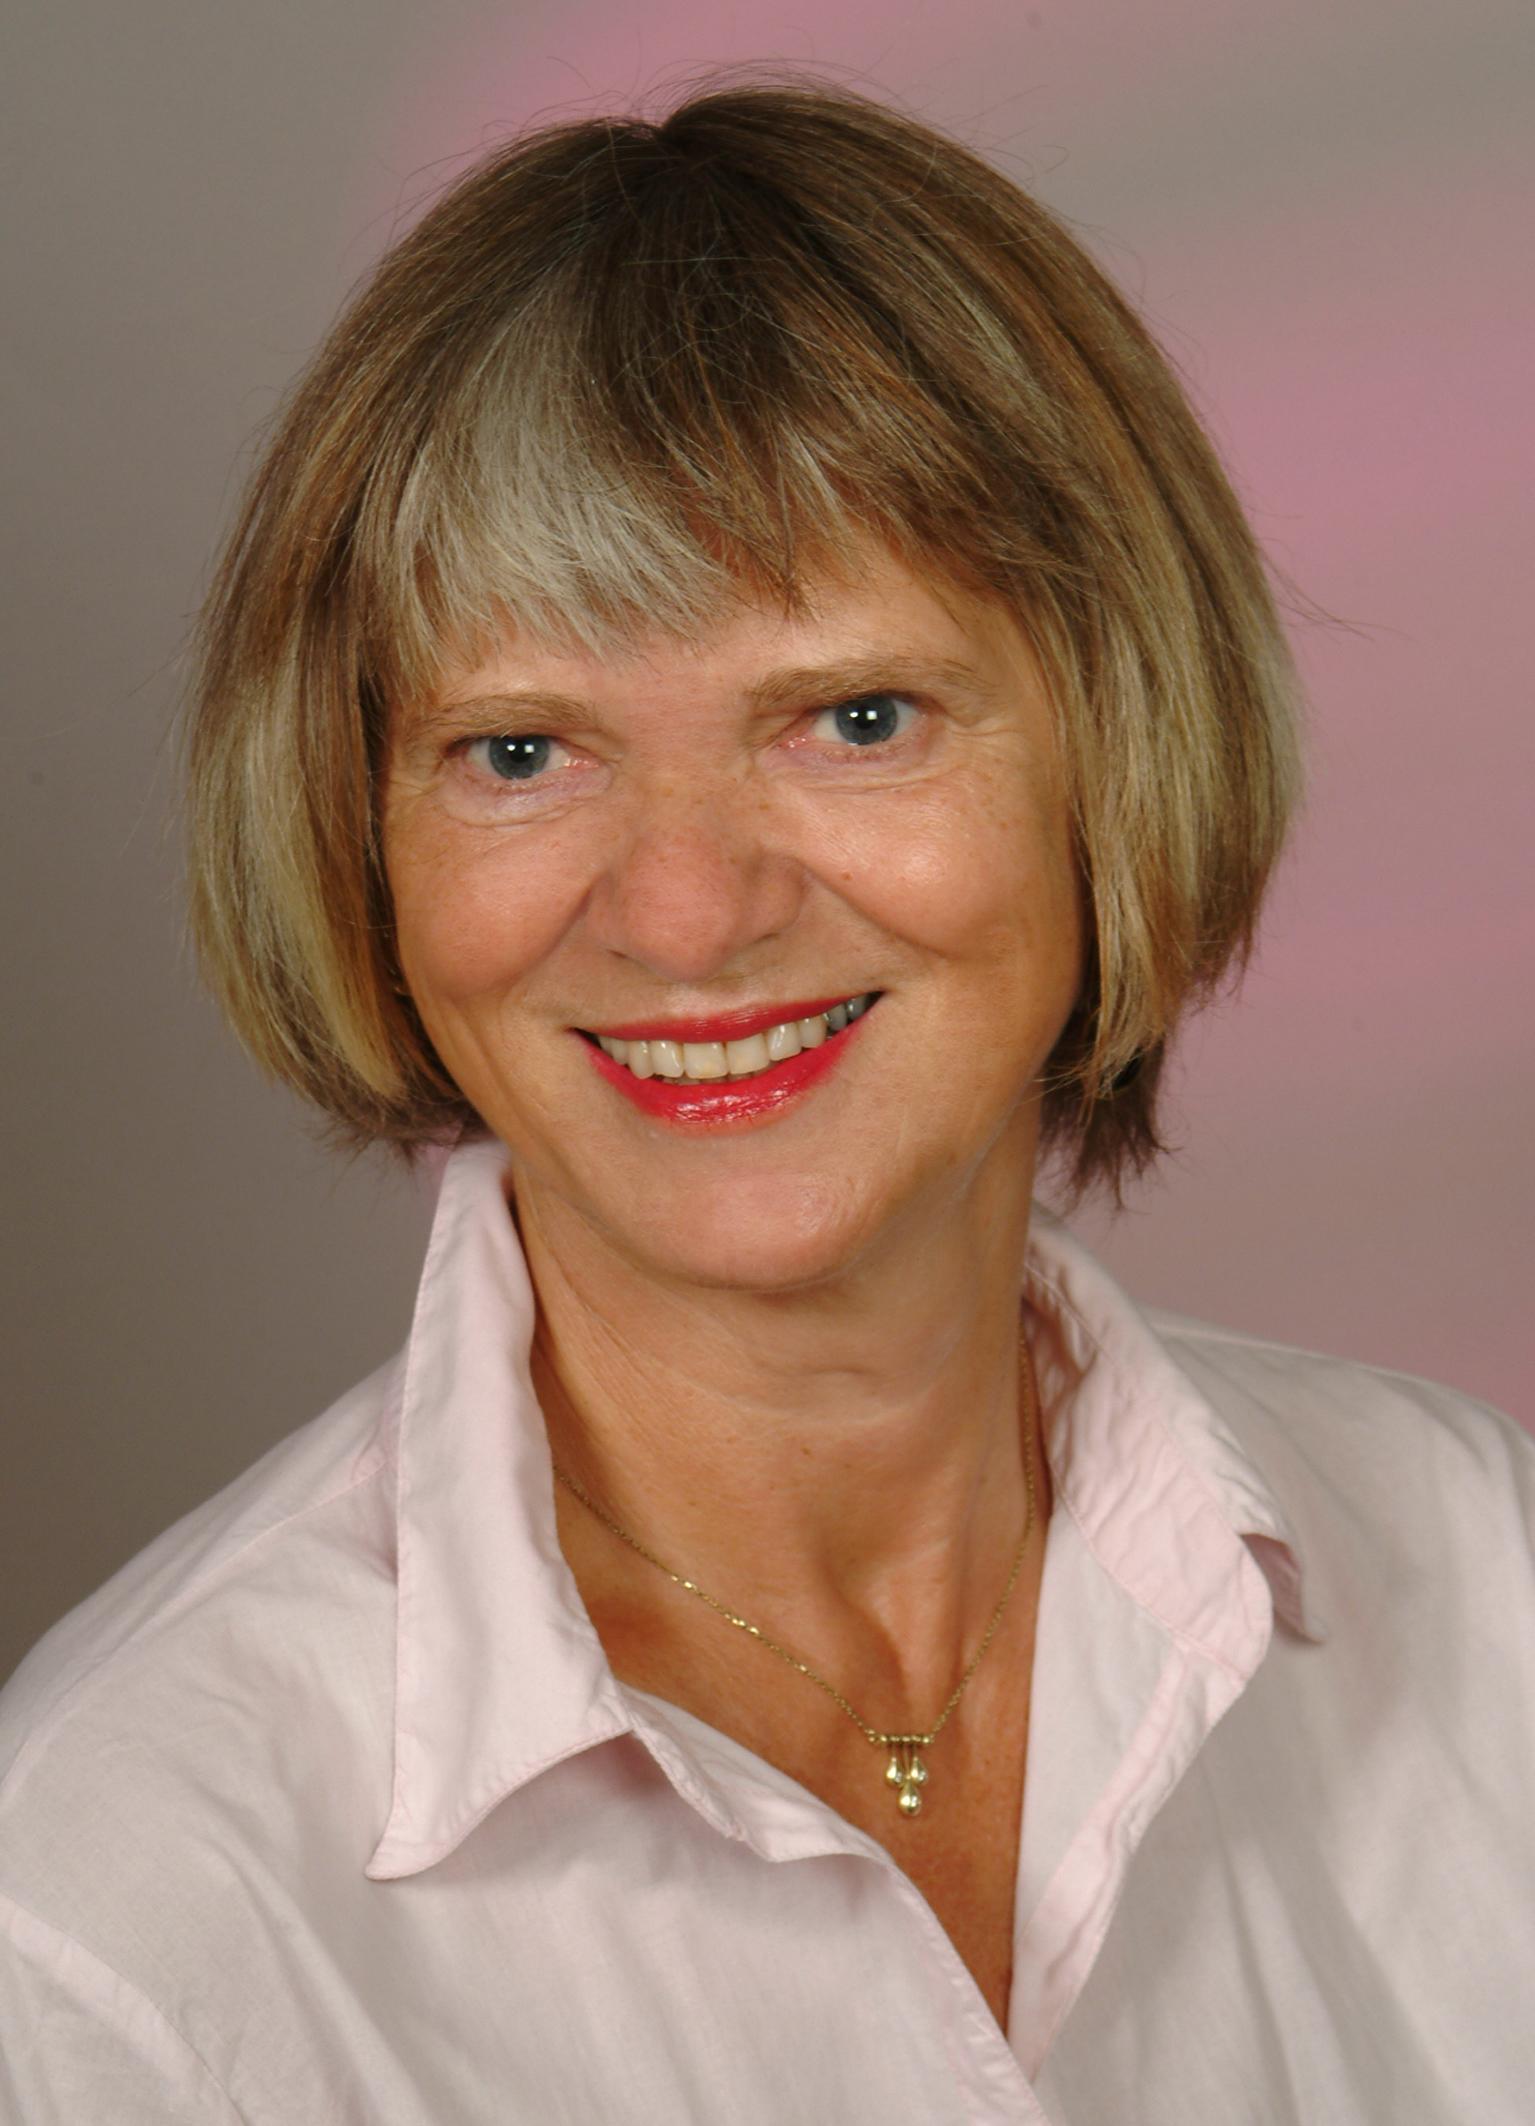 Karin Burkart